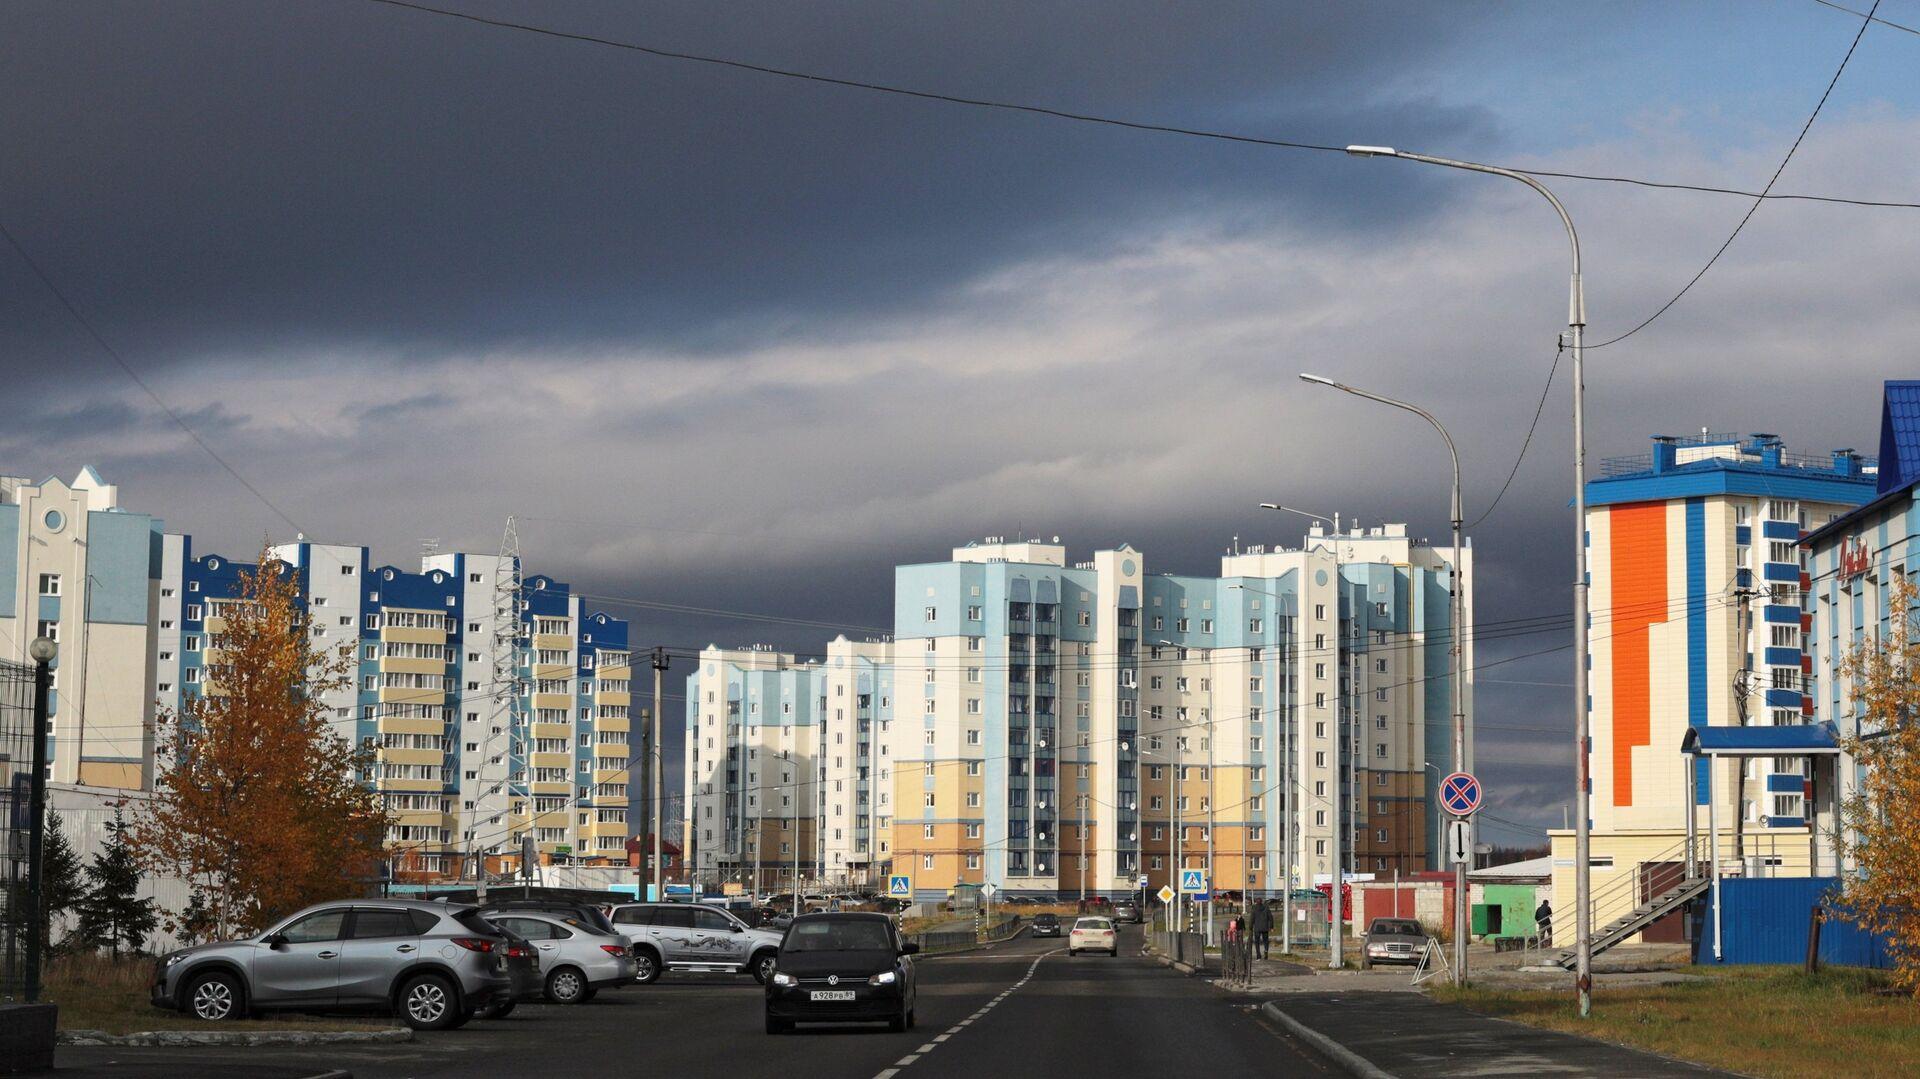 Современная жилая застройка в Салехарде  - РИА Новости, 1920, 25.08.2021